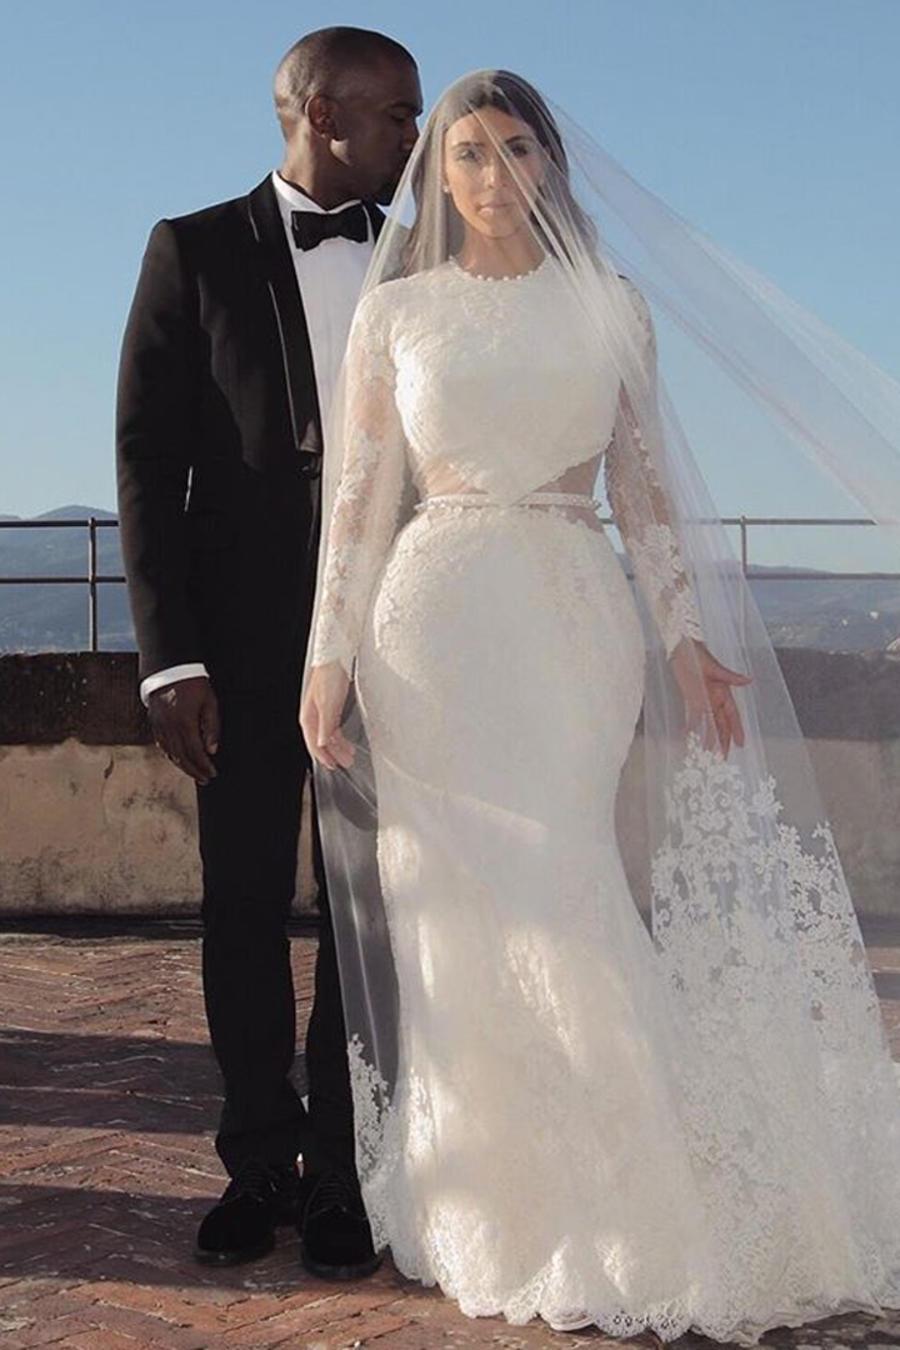 Kim Kardashian en el día de su boda celebrada en mayo de 2014 en Florencia, Italia